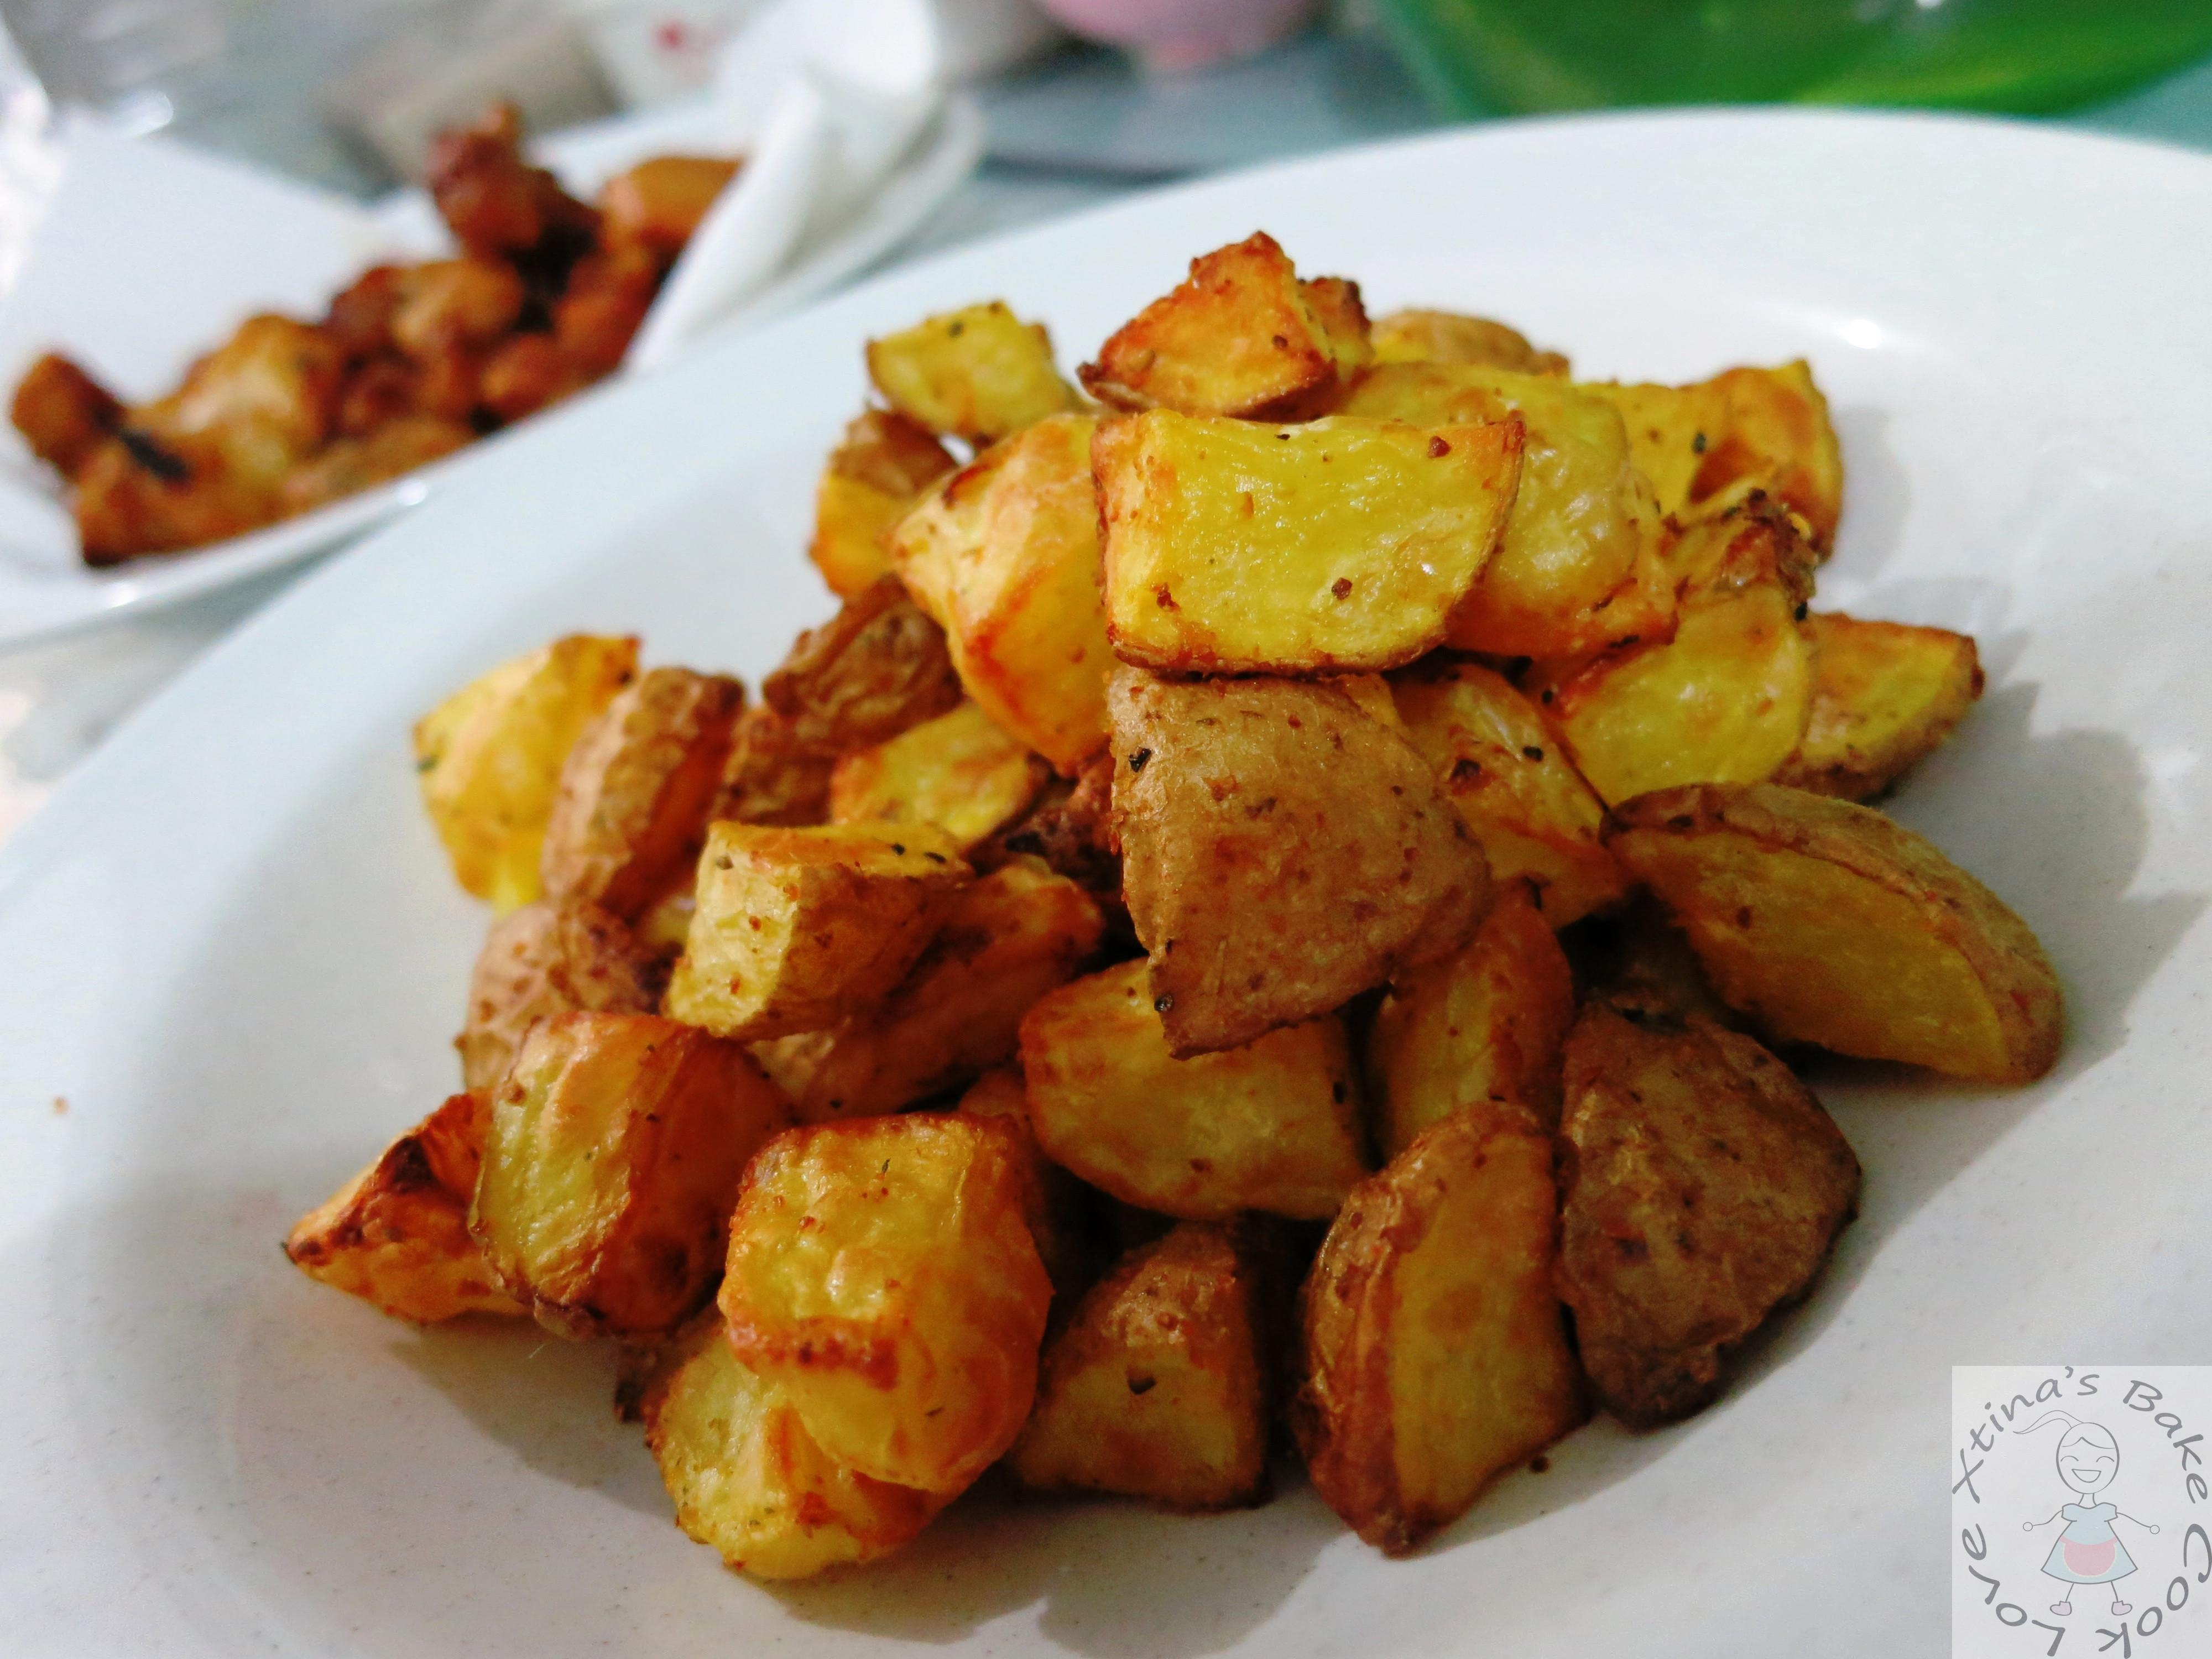 Fried Potato Recipes  Air Fried Potato Cubes